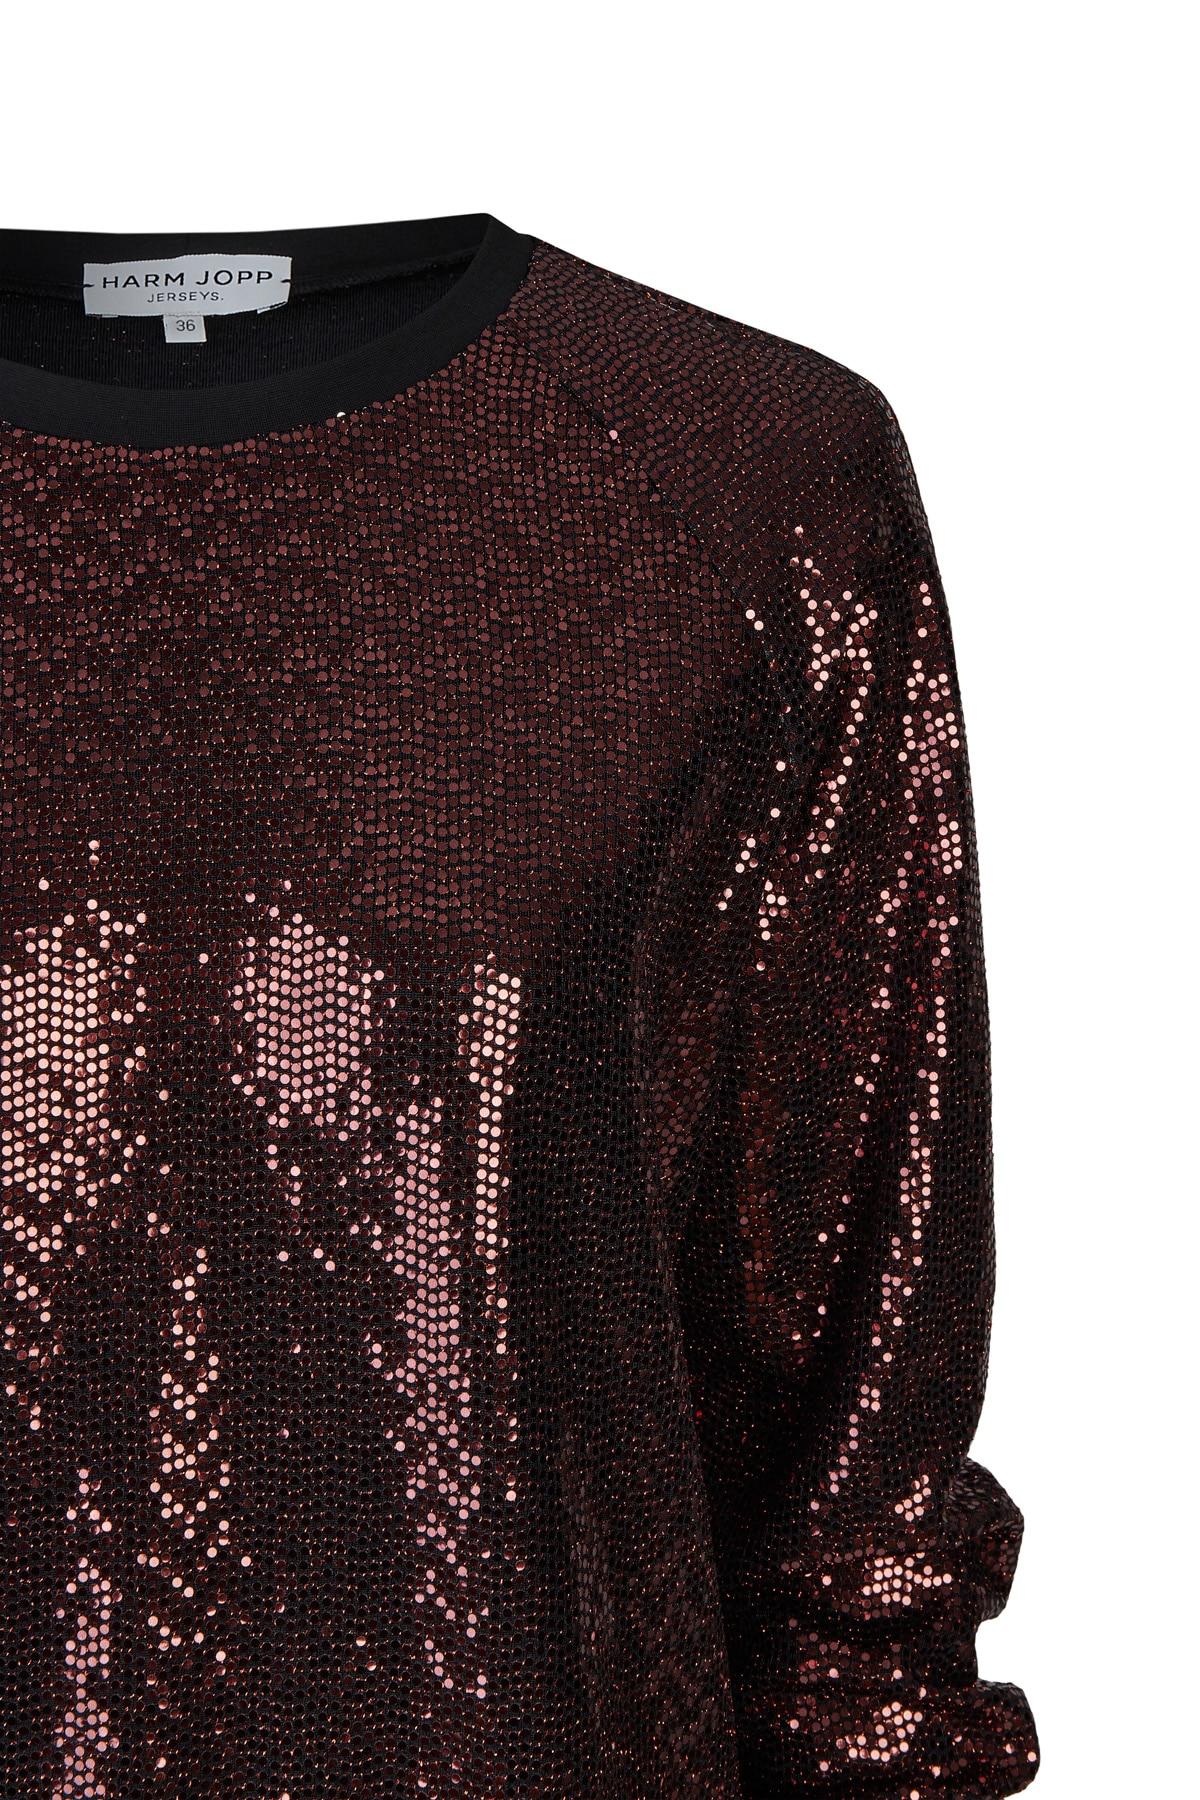 Sweater Paillette Kupfer 3